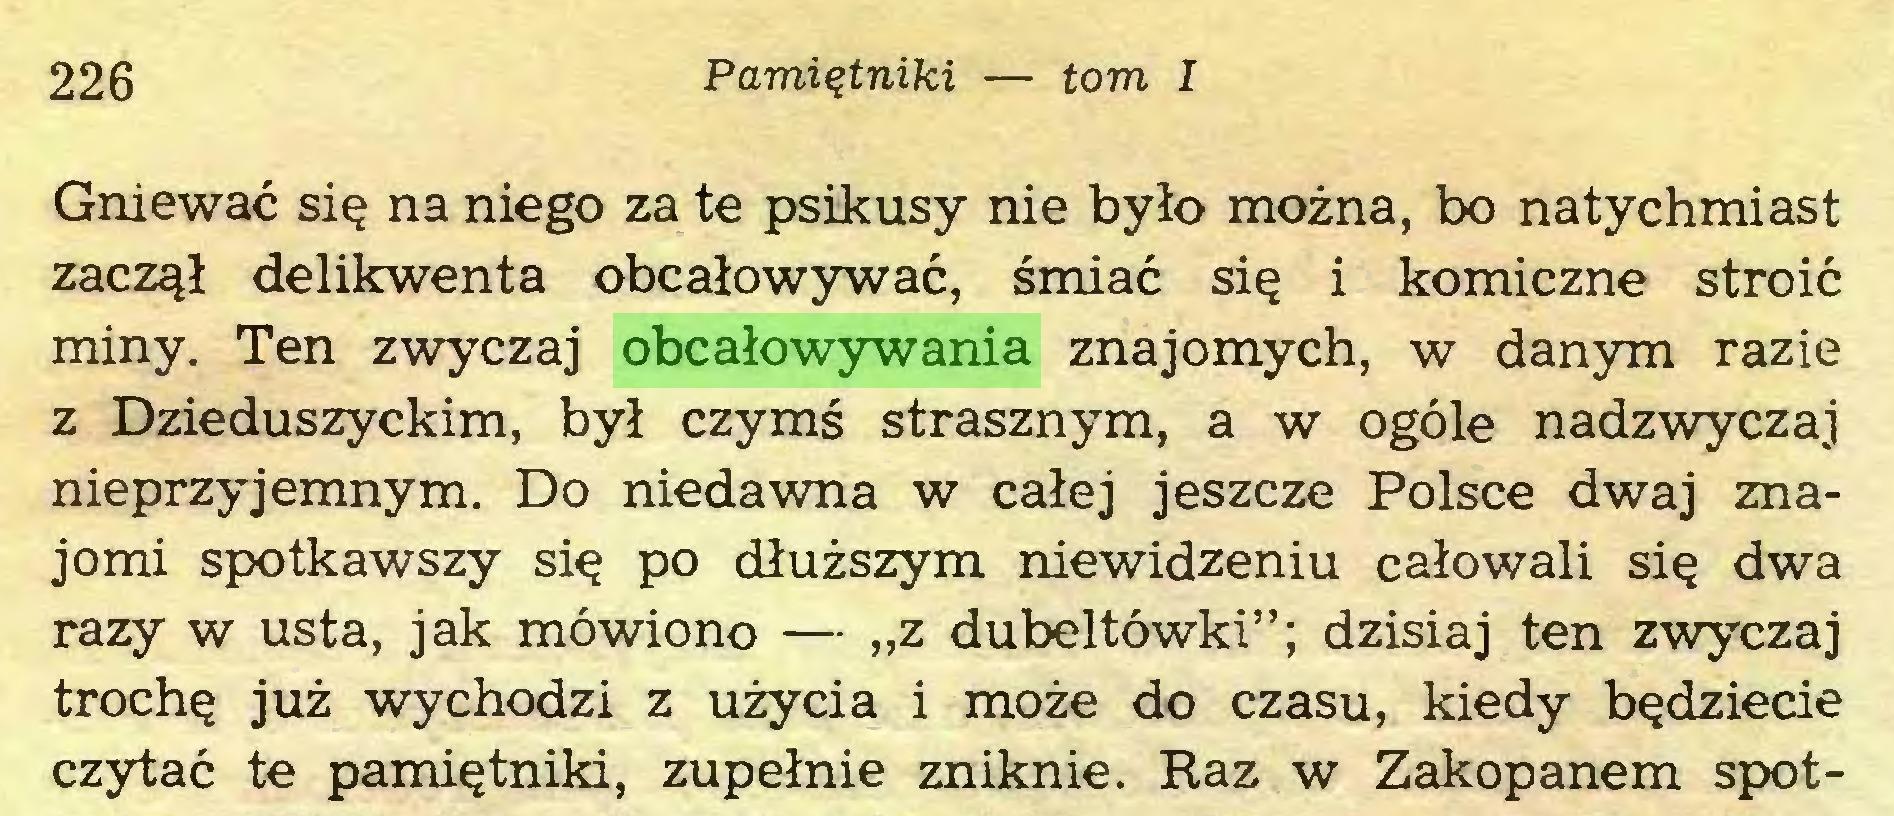 """(...) 226 Pamiętniki — tom I Gniewać się na niego za te psikusy nie było można, bo natychmiast zaczął delikwenta obcałowywać, śmiać się i komiczne stroić miny. Ten zwyczaj obcałowywania znajomych, w danym razie z Dzieduszyckim, był czymś strasznym, a w ogóle nadzwyczaj nieprzyjemnym. Do niedawna w całej jeszcze Polsce dwaj znajomi spotkawszy się po dłuższym niewidzeniu całowali się dwa razy w usta, jak mówiono — """"z dubeltówki""""; dzisiaj ten zwyczaj trochę już wychodzi z użycia i może do czasu, kiedy będziecie czytać te pamiętniki, zupełnie zniknie. Raz w Zakopanem spot..."""